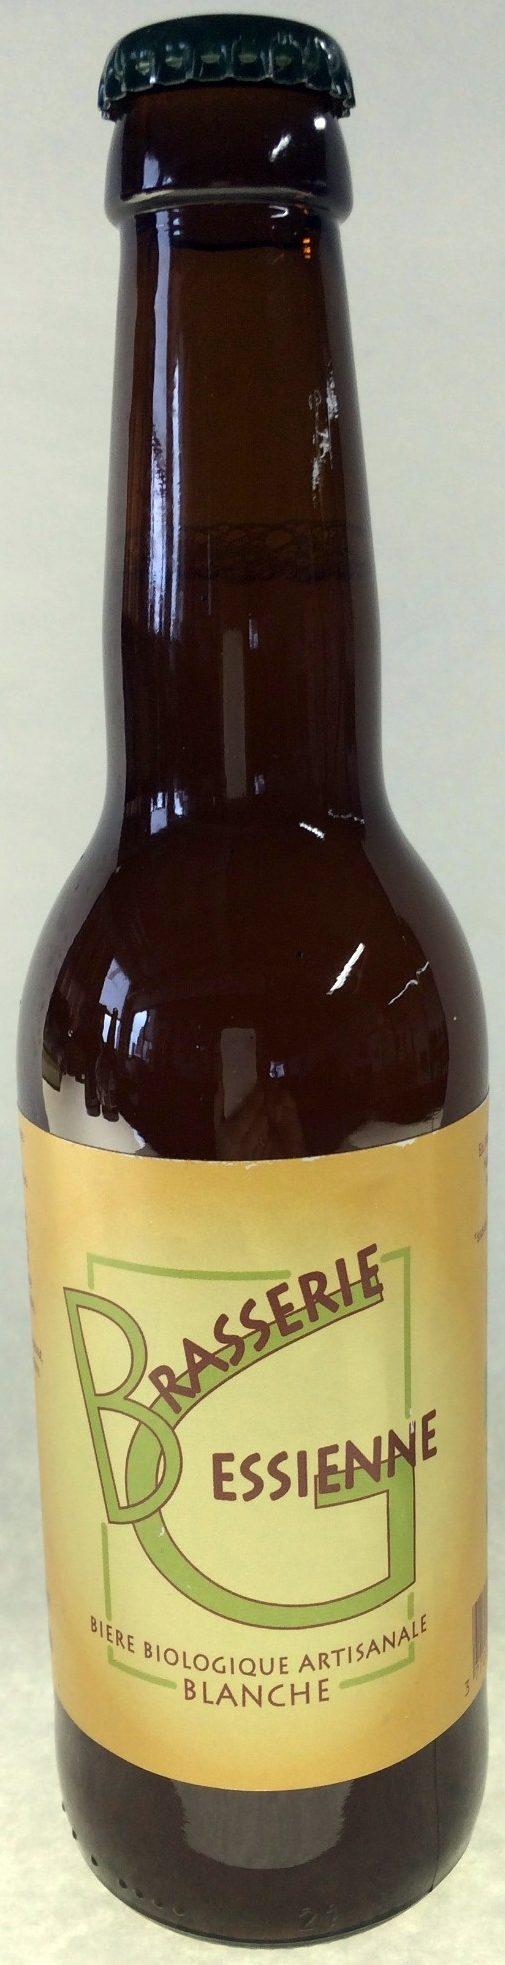 Bière biologique artisanale blanche - Product - fr